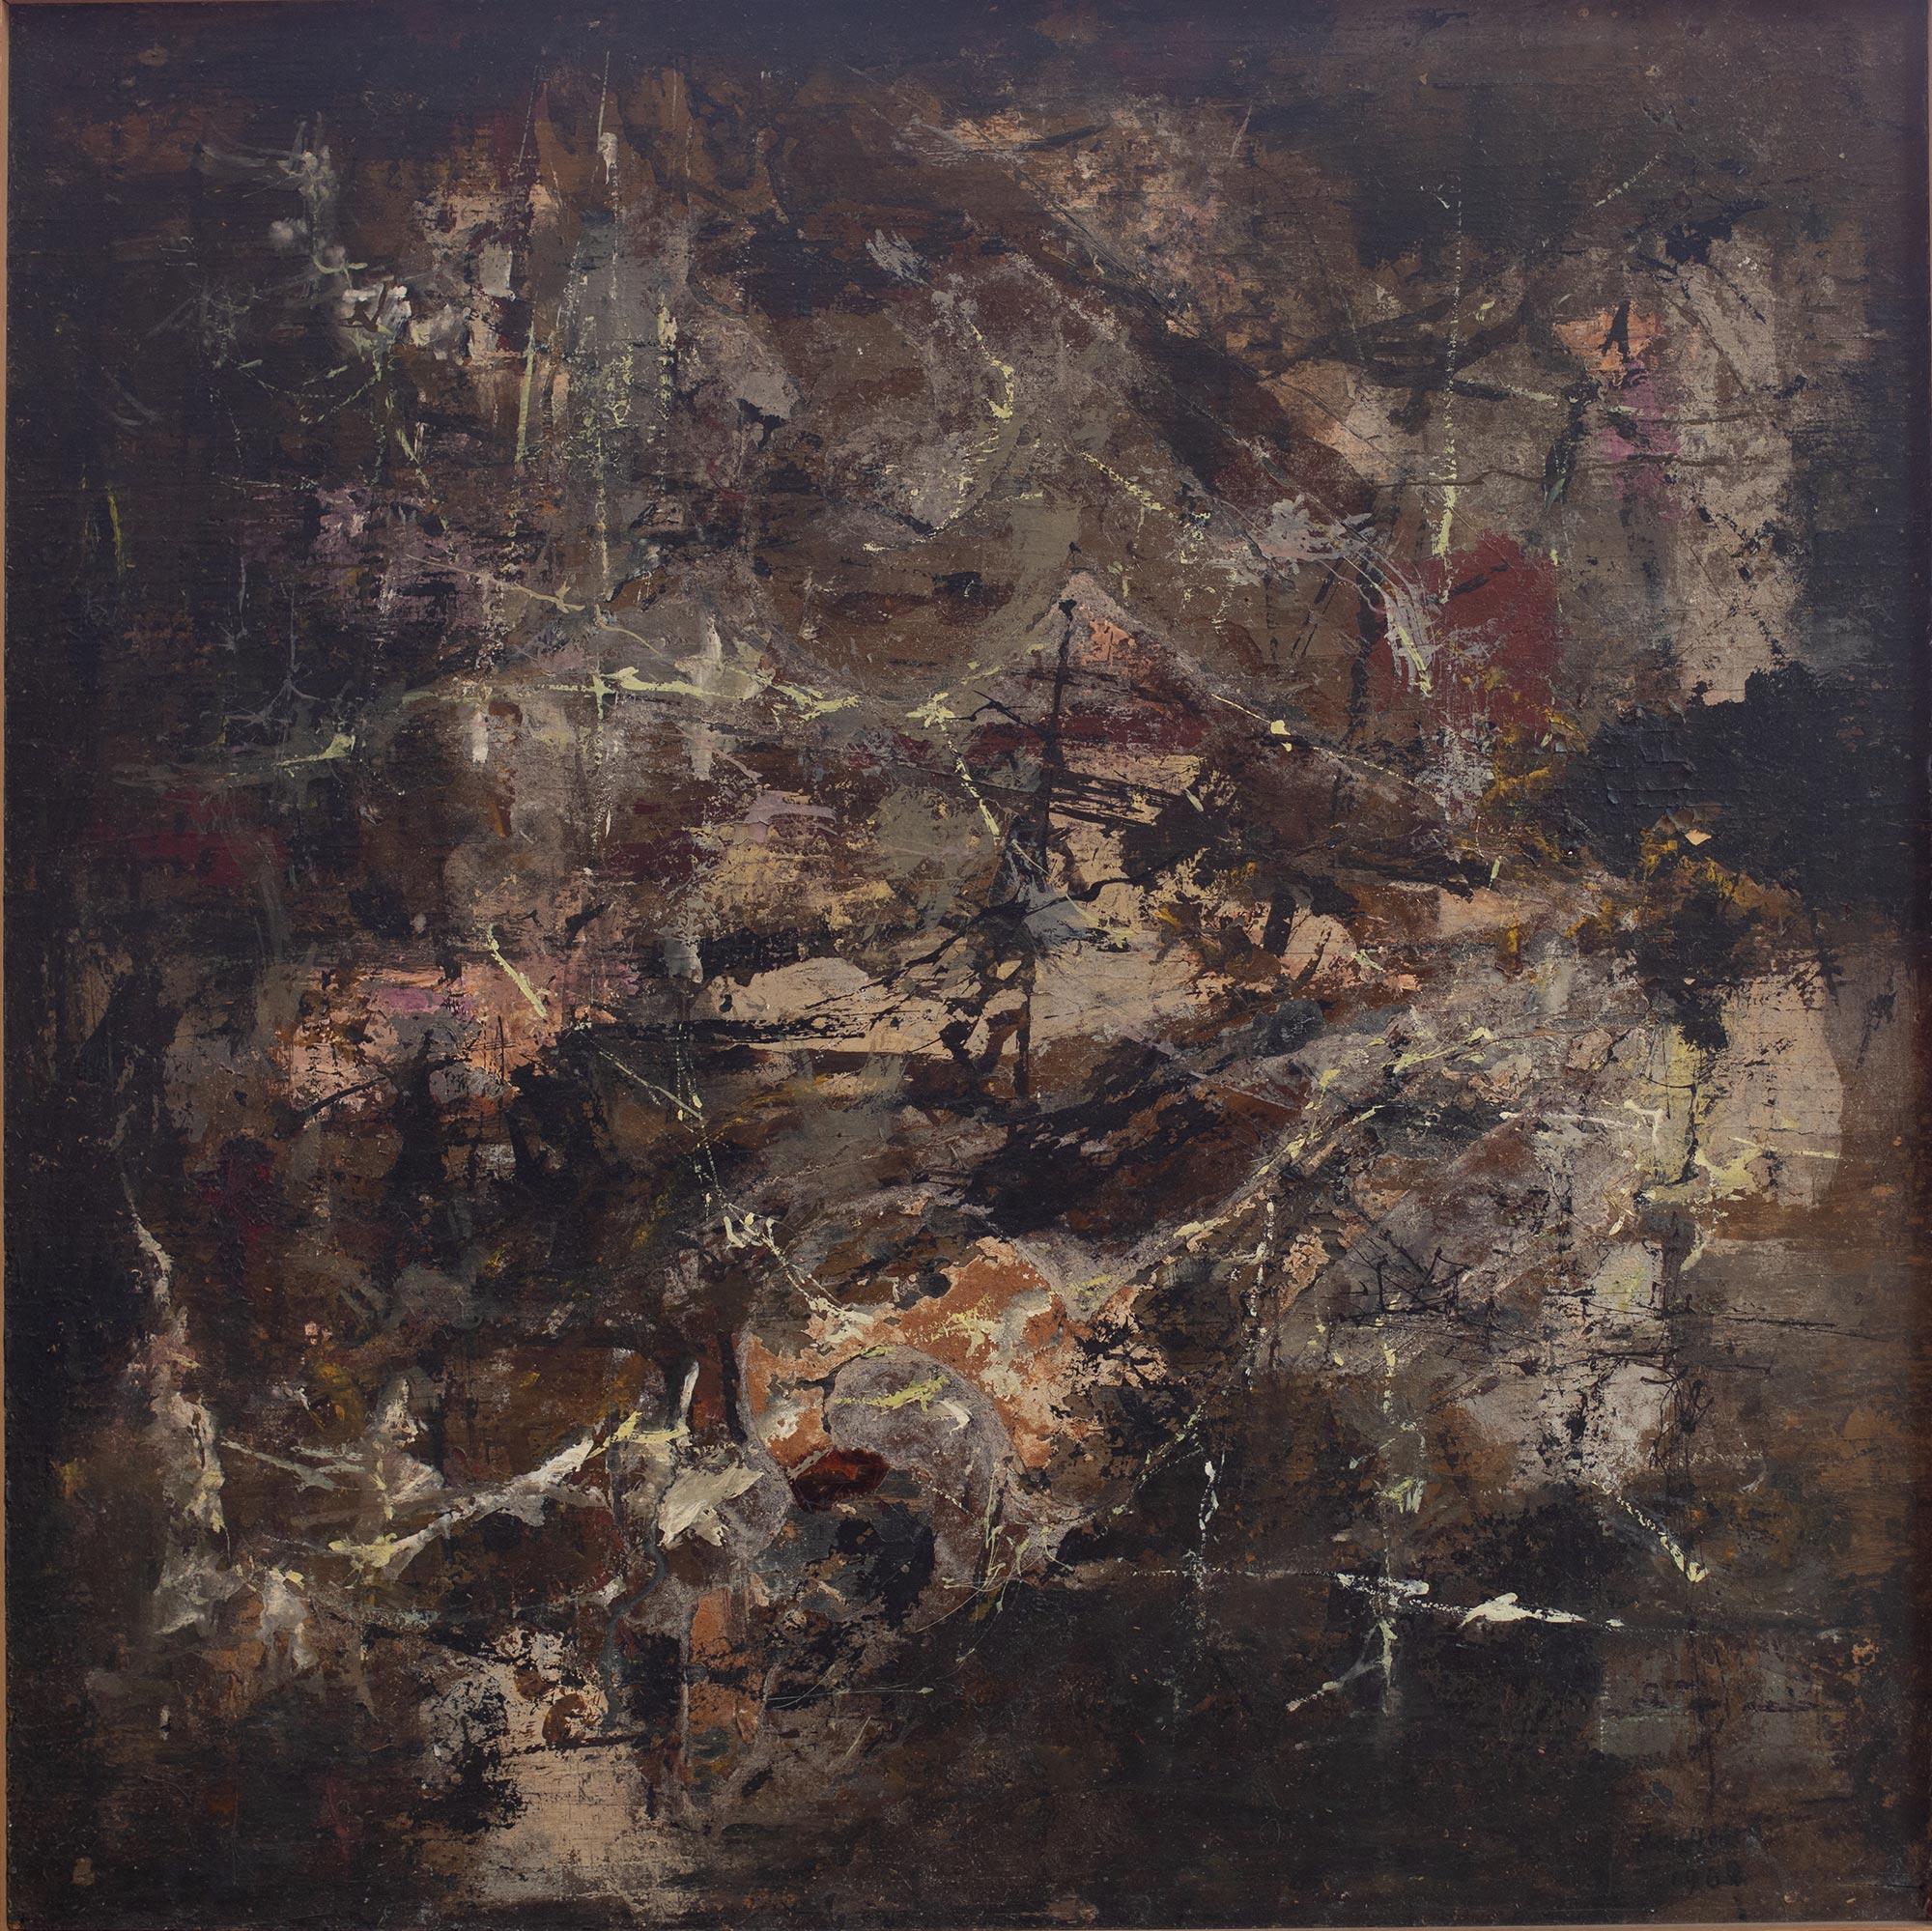 12 Hein Heckroth, Fluoreszenz, 1960, Tempera und Öl auf Spanplatte (?), 68 x 67,5 cm, Privatbesitz